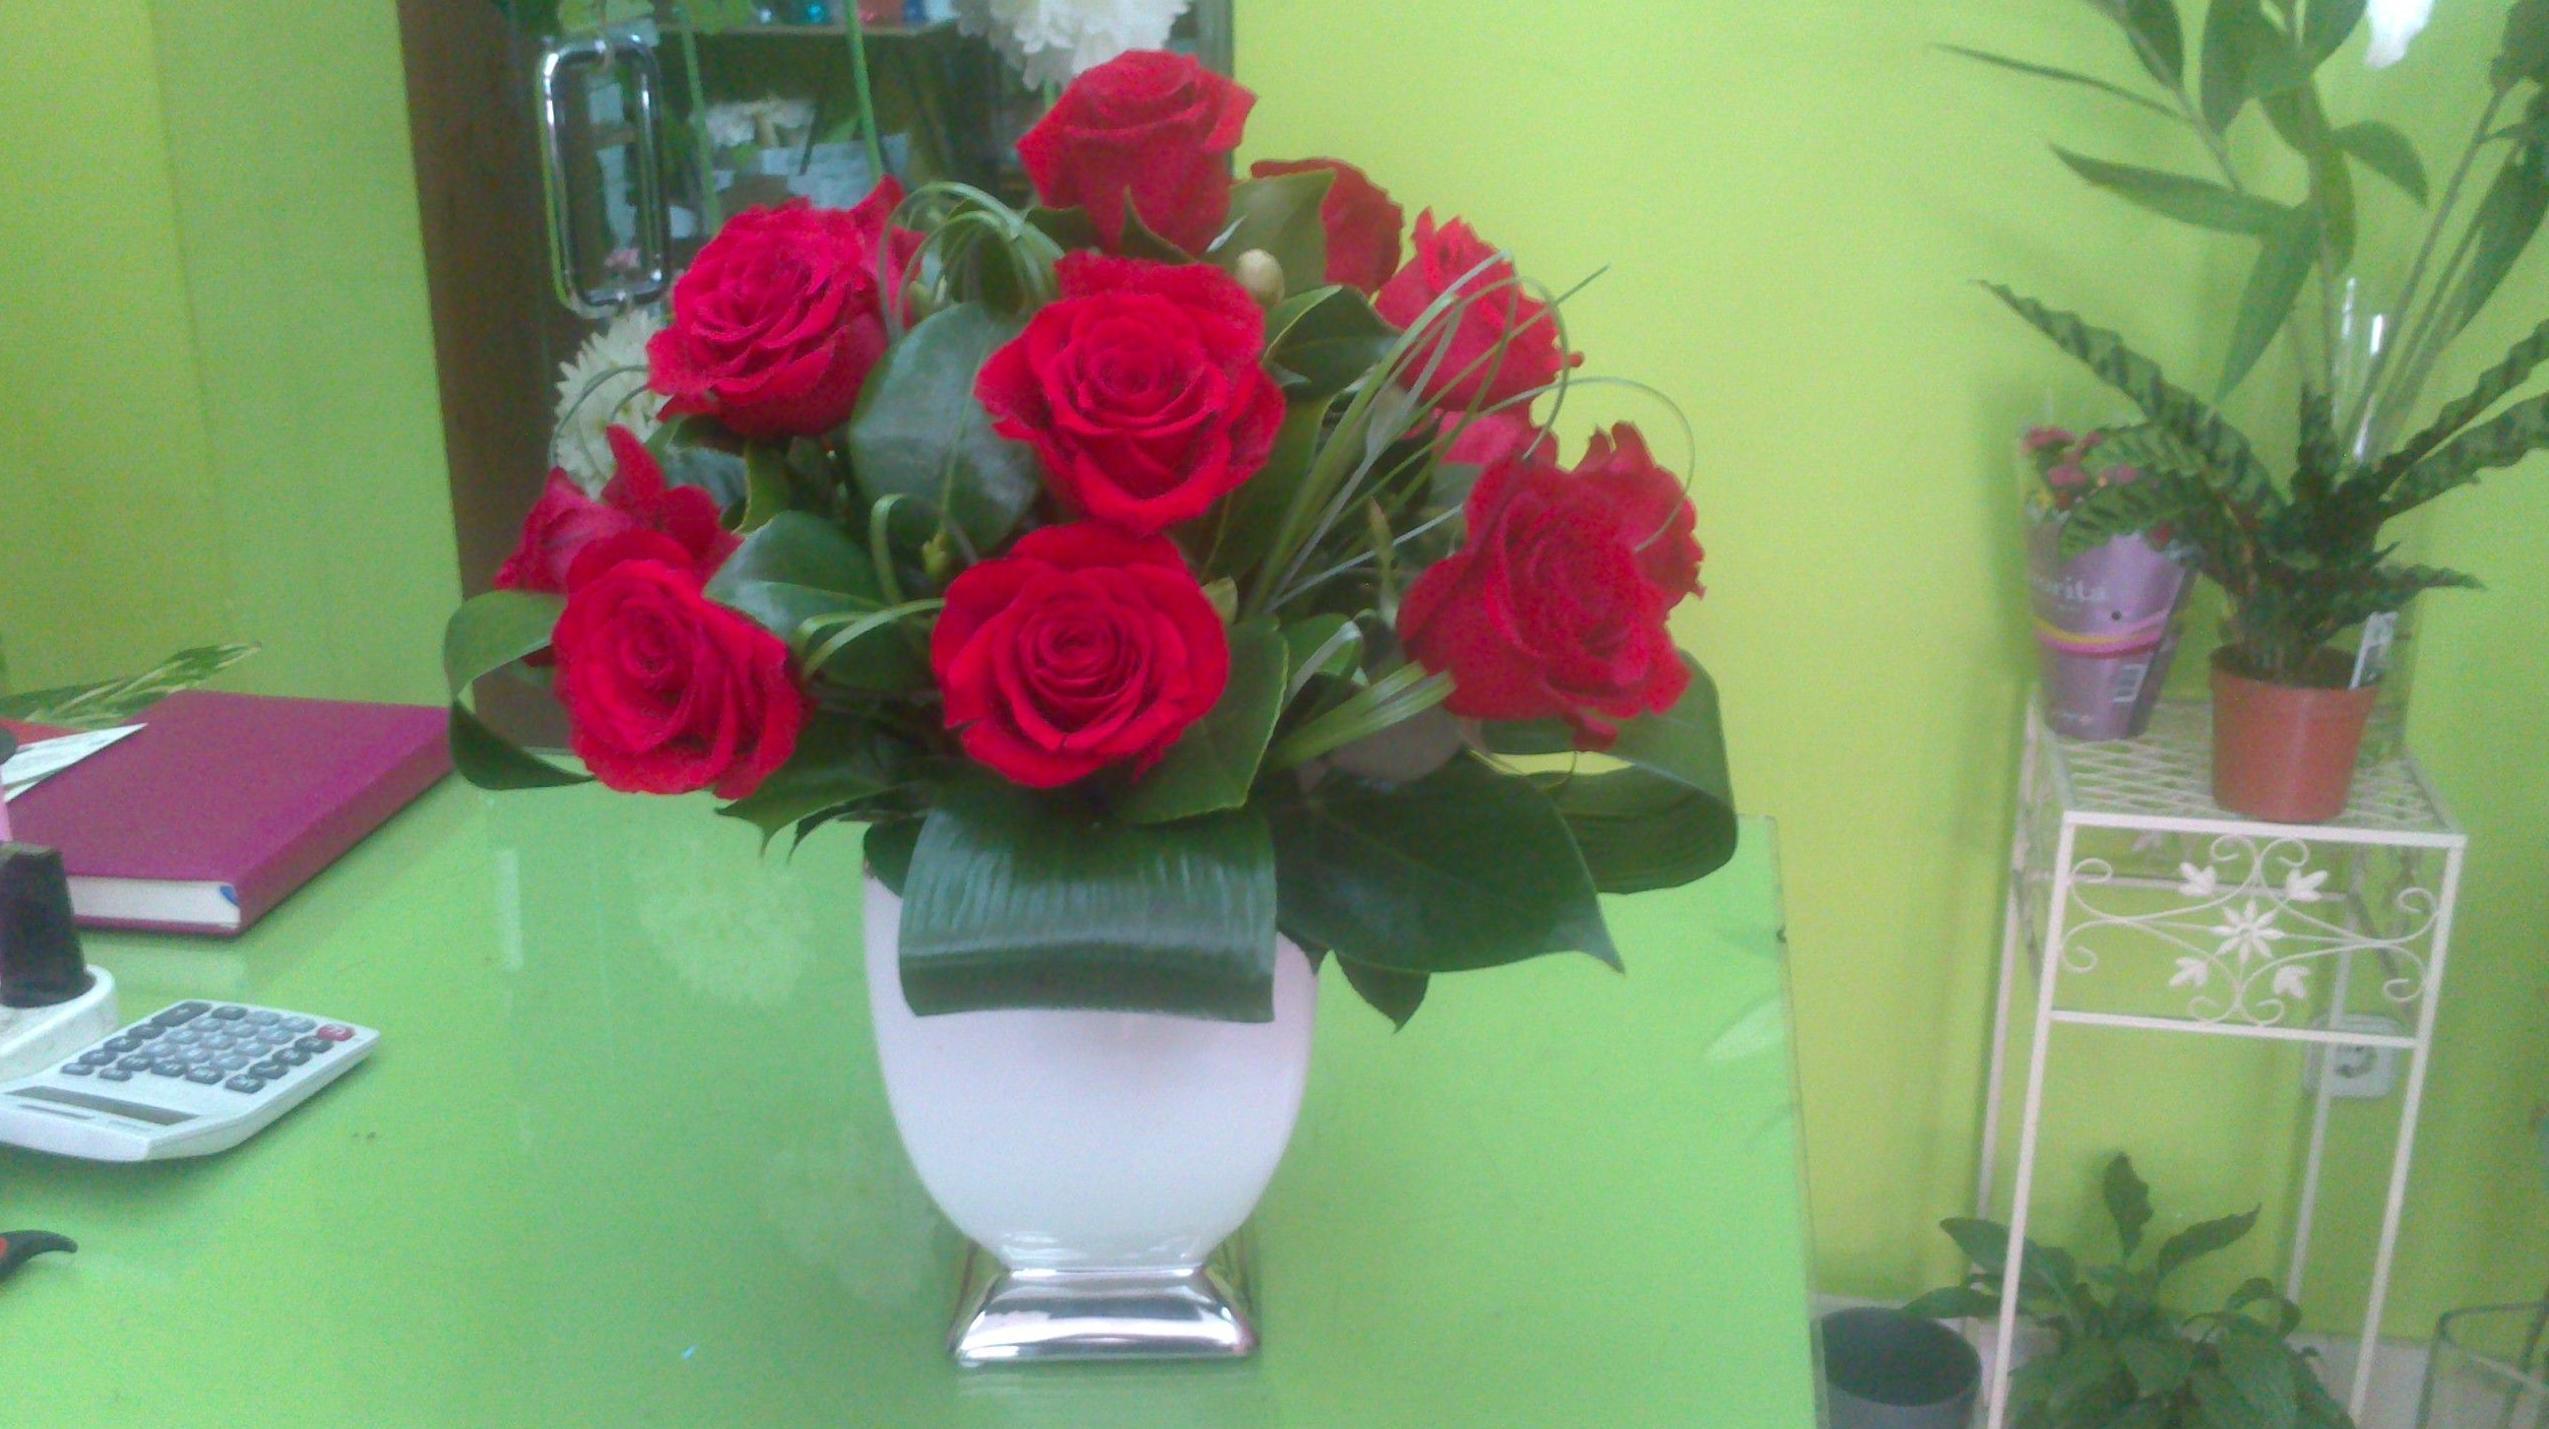 Rosas rojas: Catálogo de flores y plantas de Floristería Pétalos